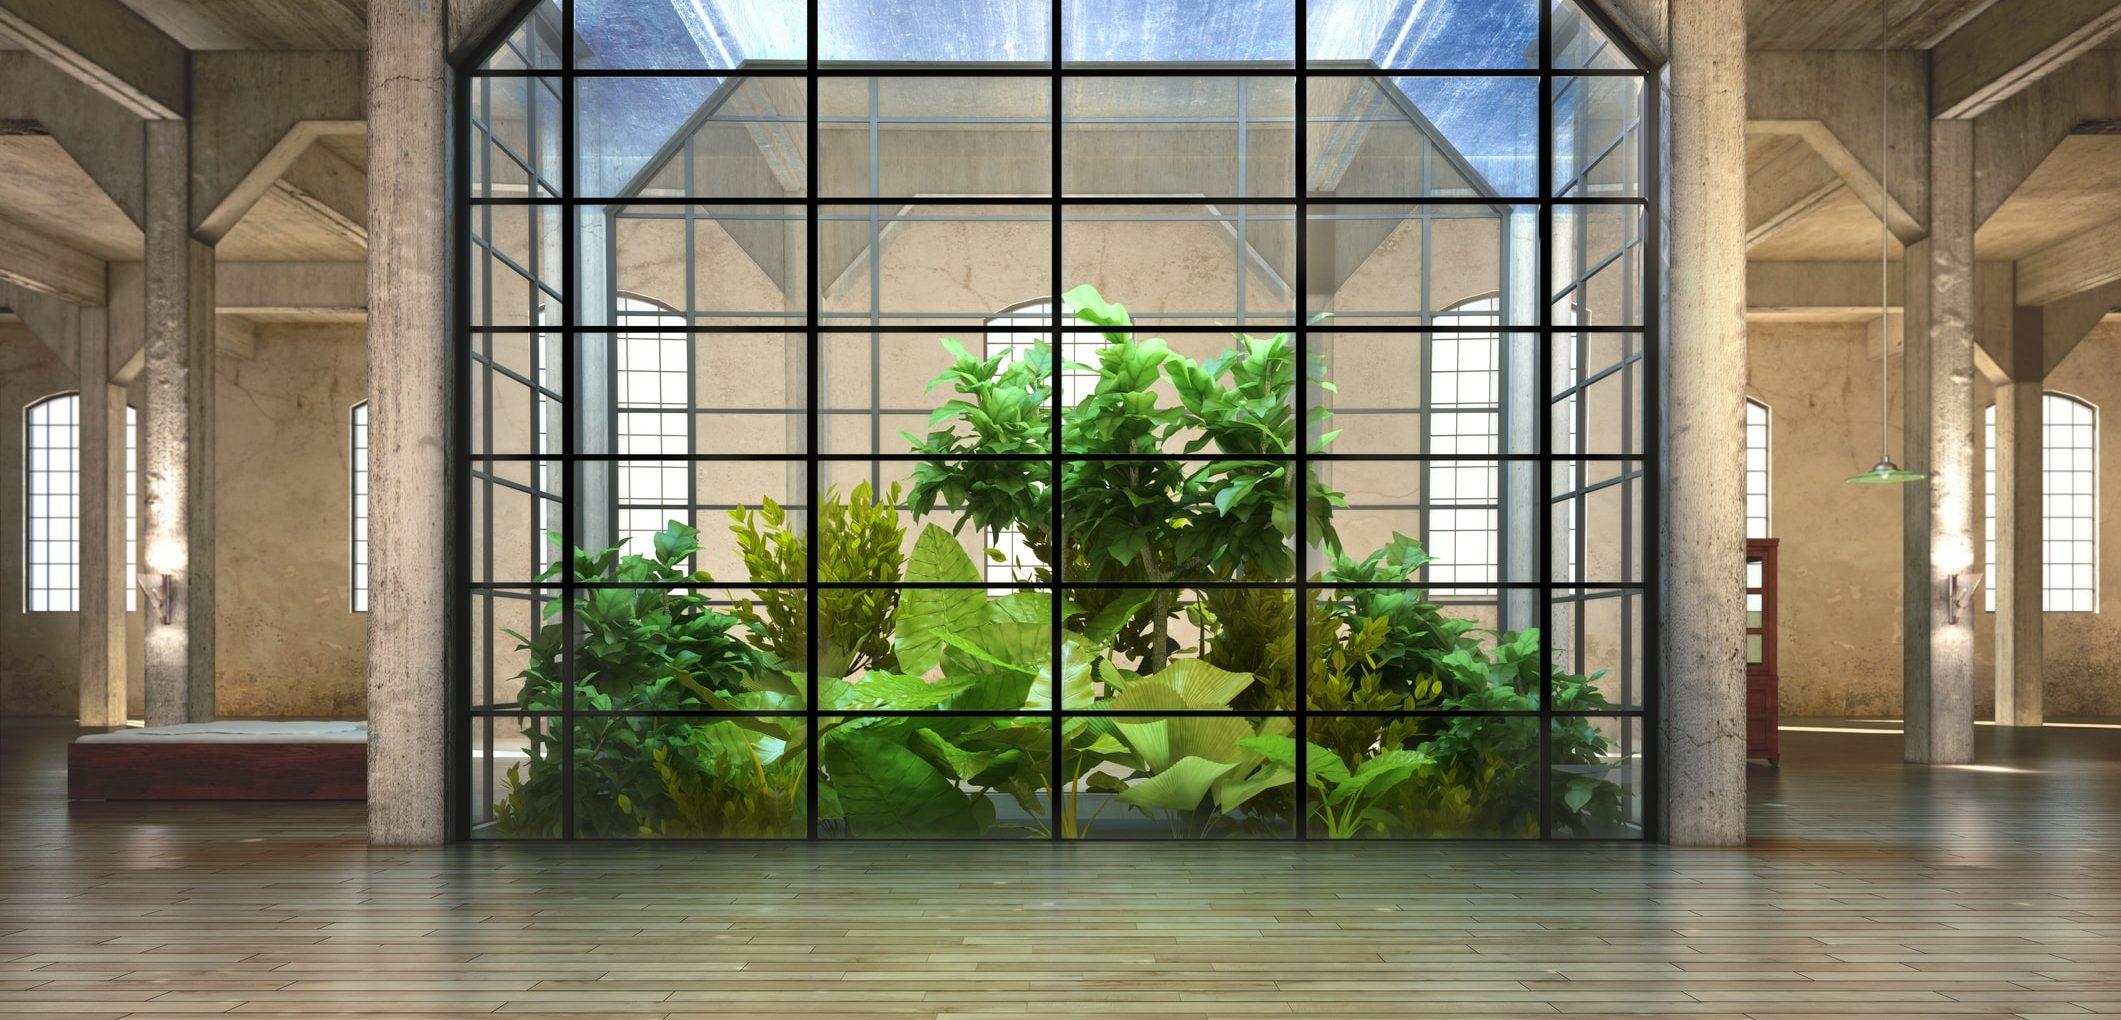 Faire Une Fenetre Dans Un Mur Porteur Prix installation verrière d'intérieur : à quel prix ? - nos